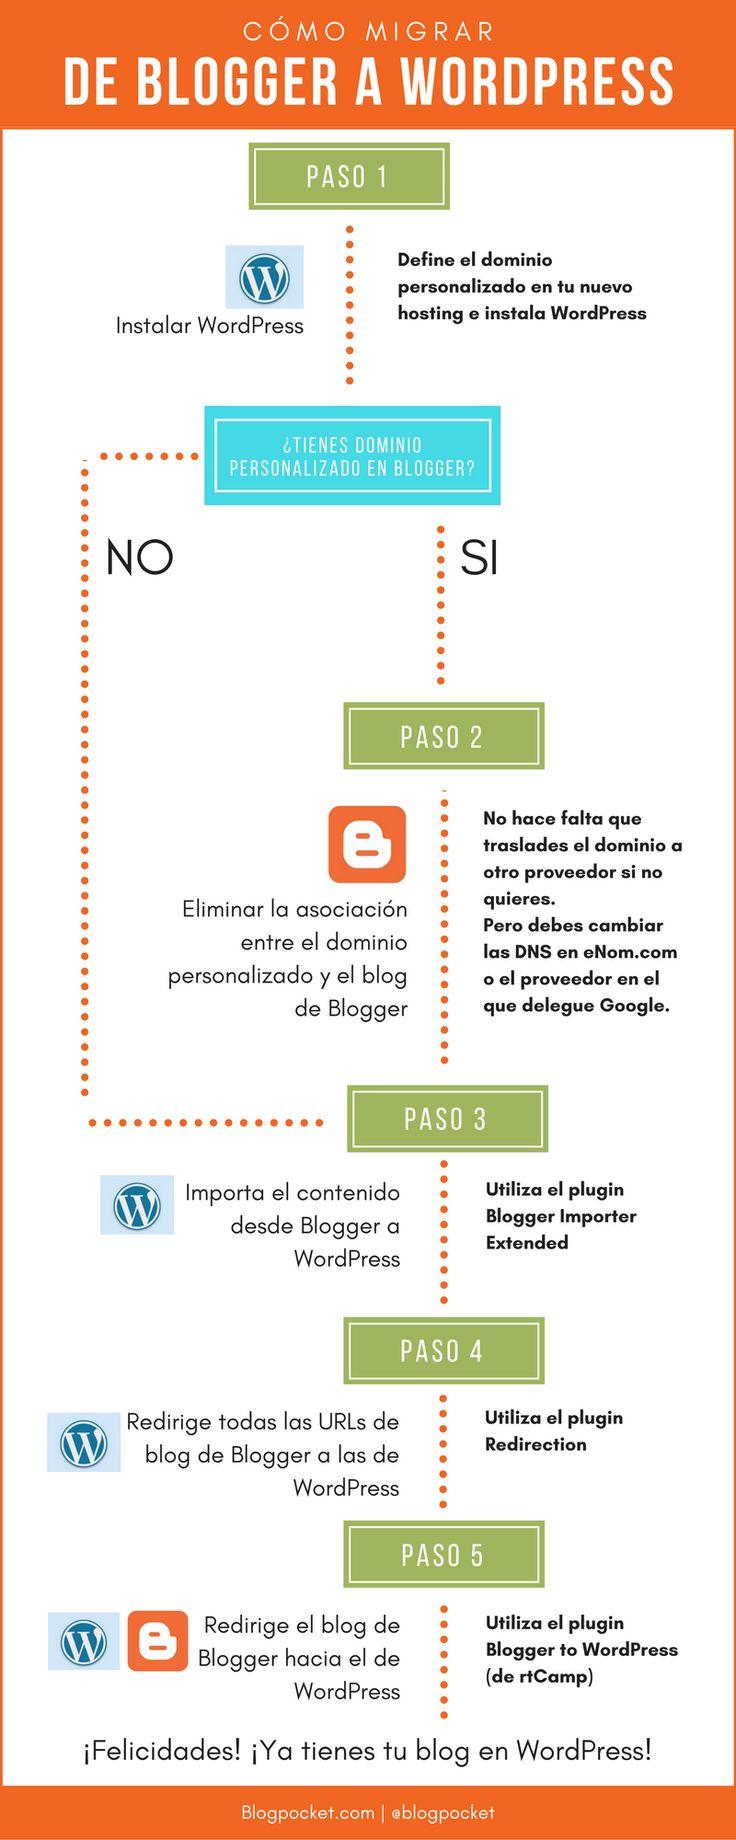 Infografía de cómo migrar de Blogger a WordPress